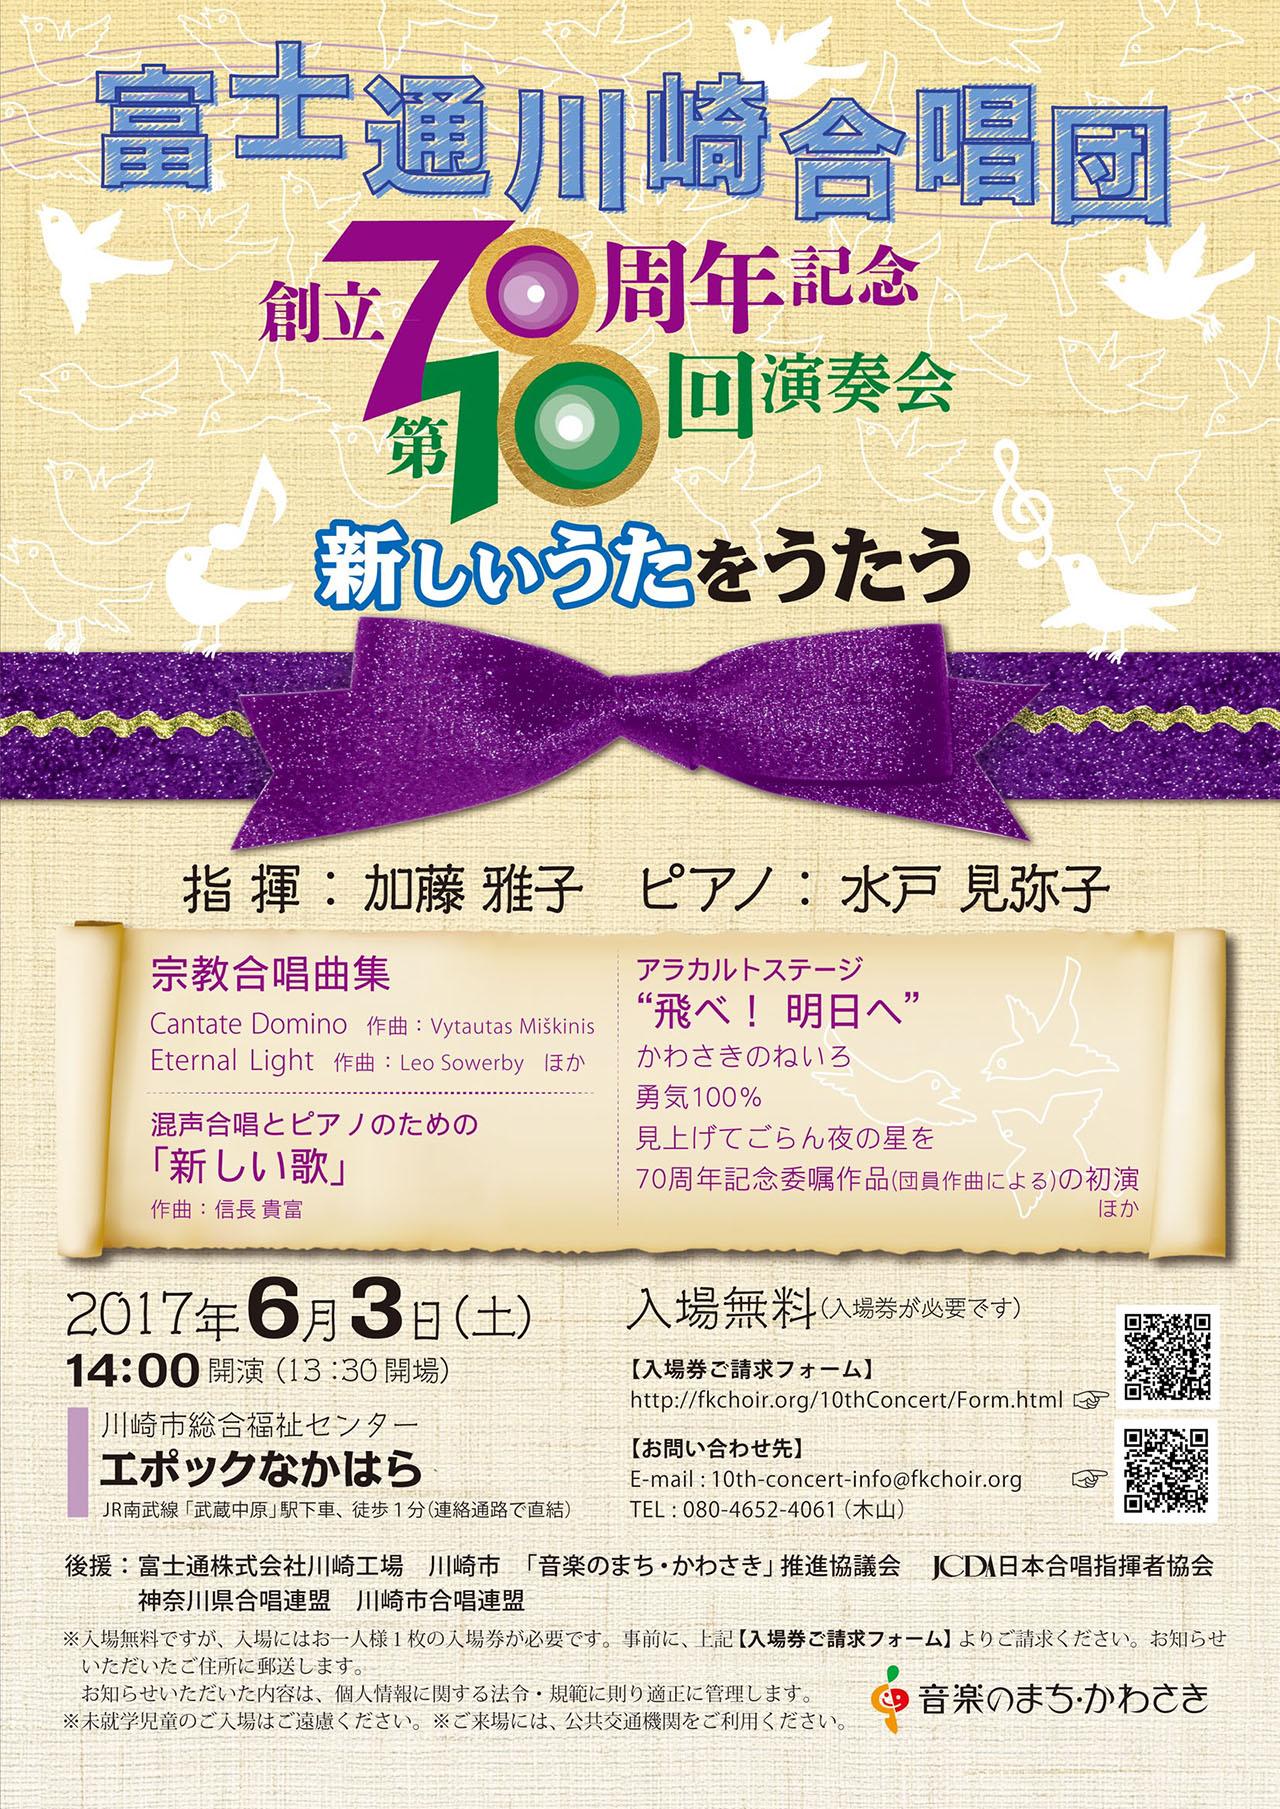 富士通川崎合唱団 創立70周年記念第10回演奏会